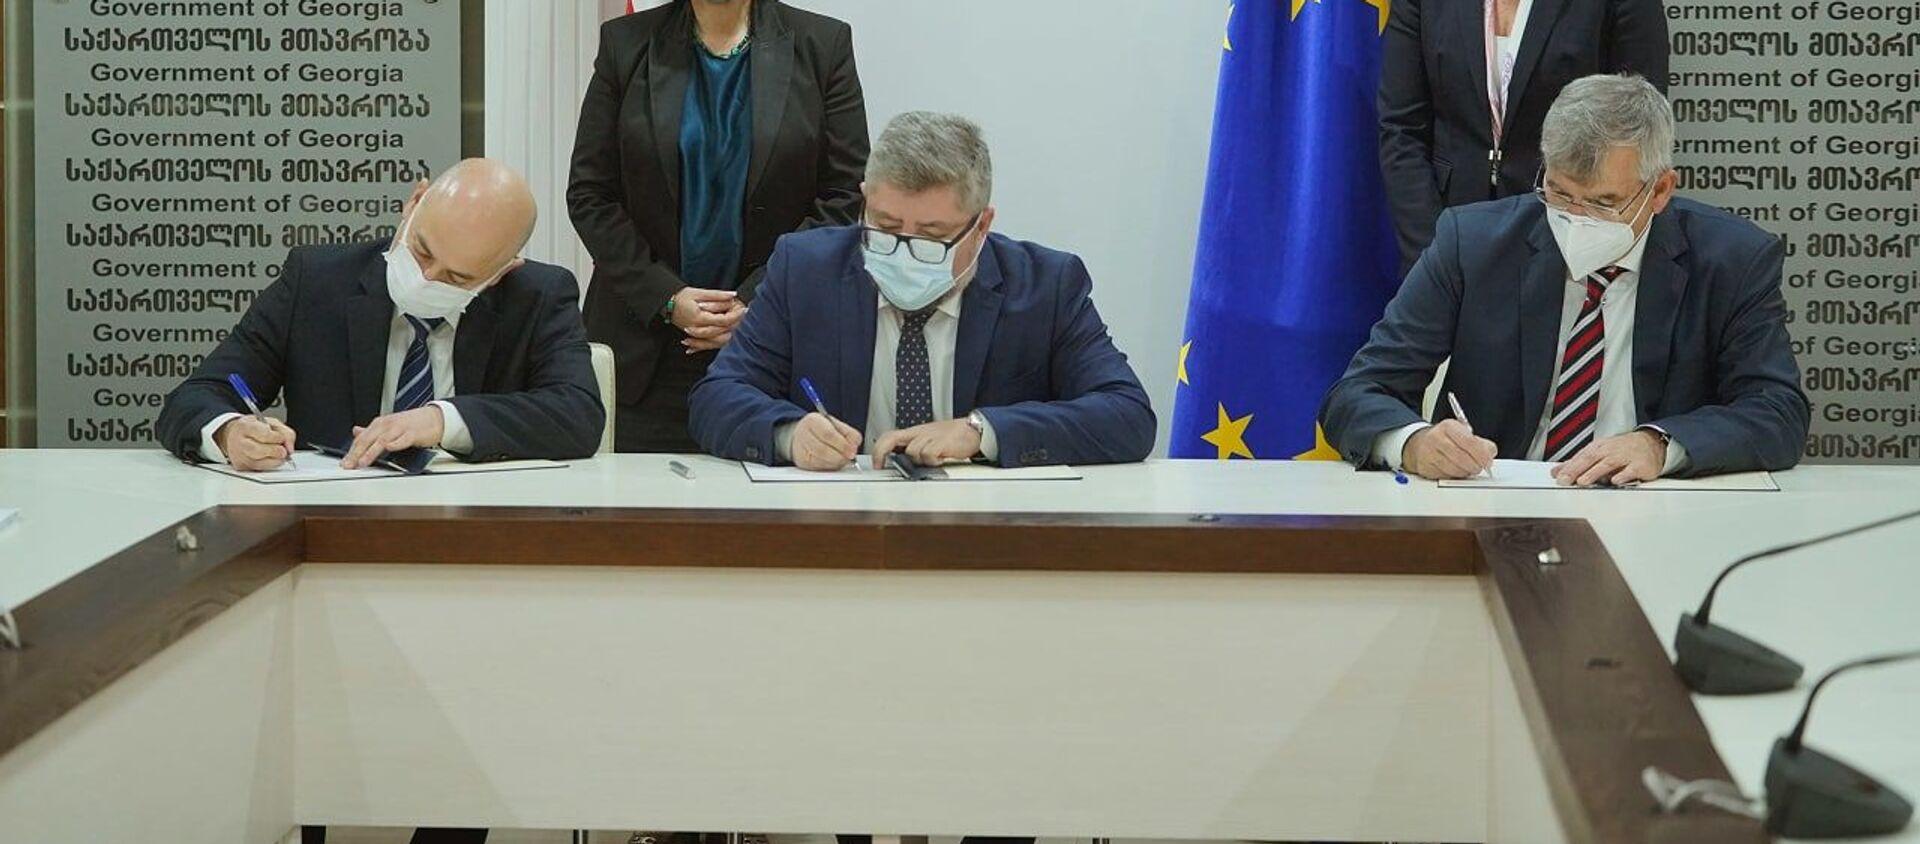 Грузия и OMV подписали контракт по разведке нефти на шельфе Черного моря  - Sputnik Грузия, 1920, 10.03.2021